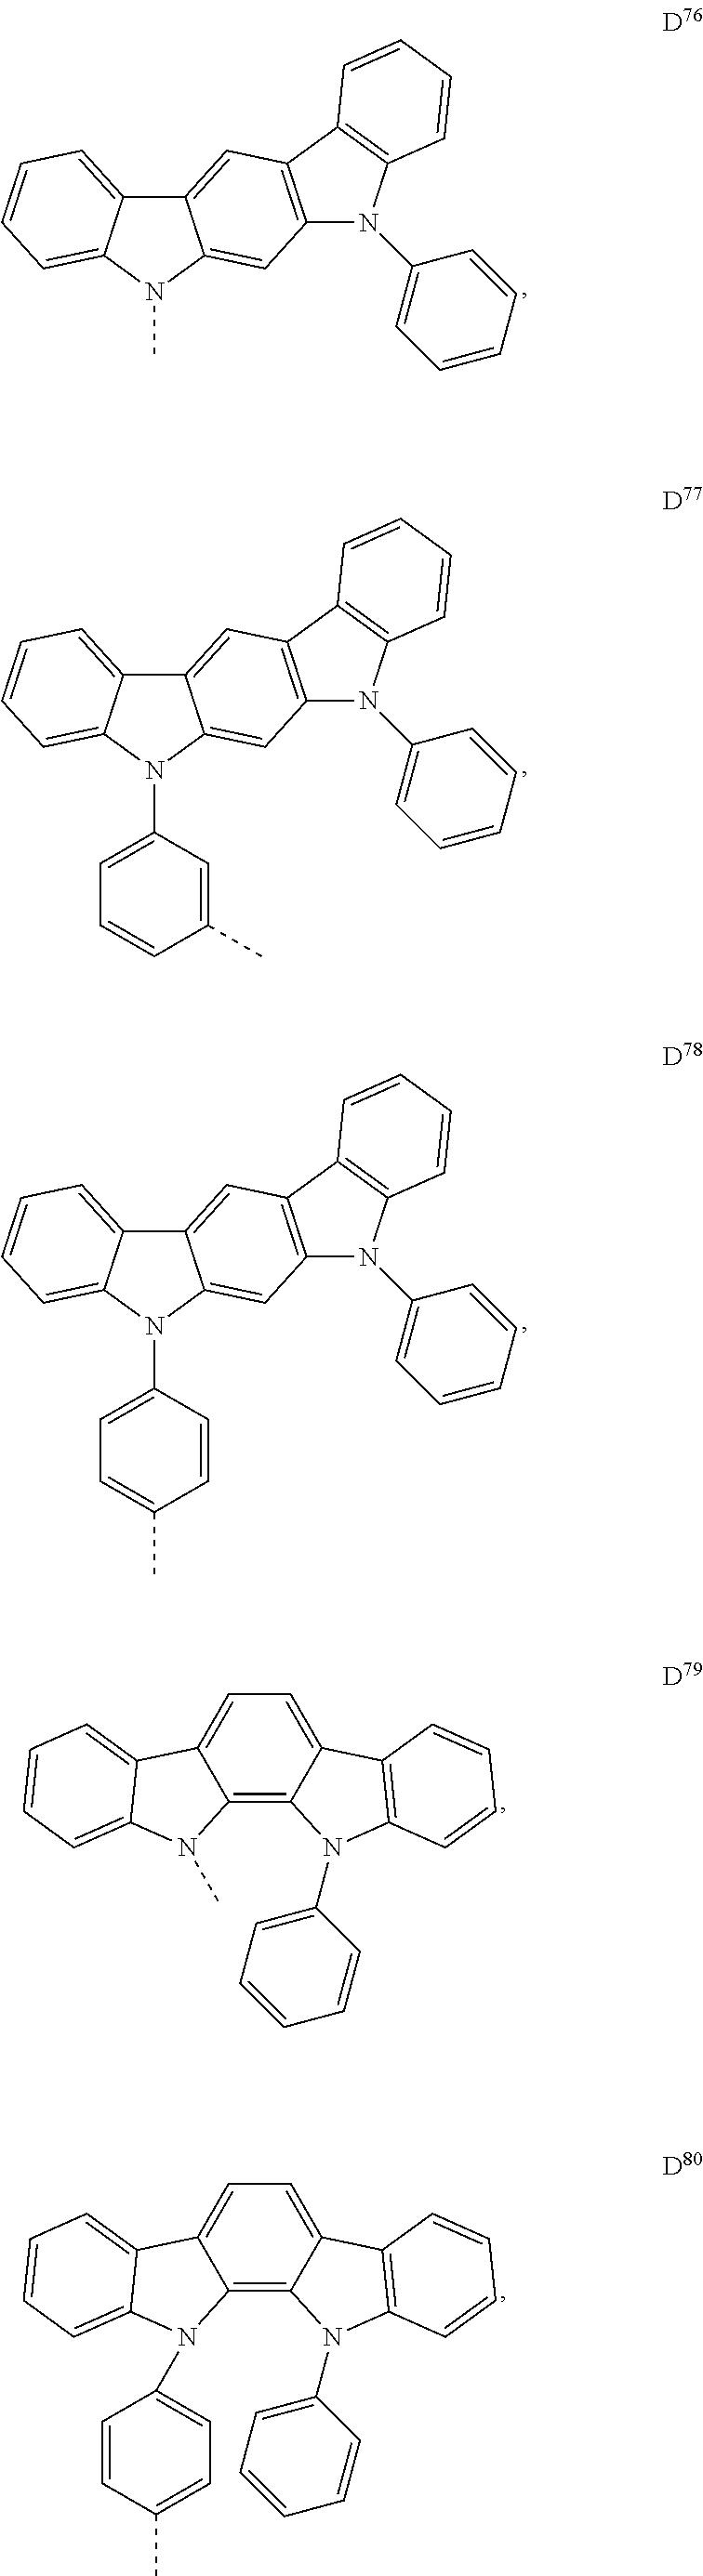 Figure US20170033295A1-20170202-C00049